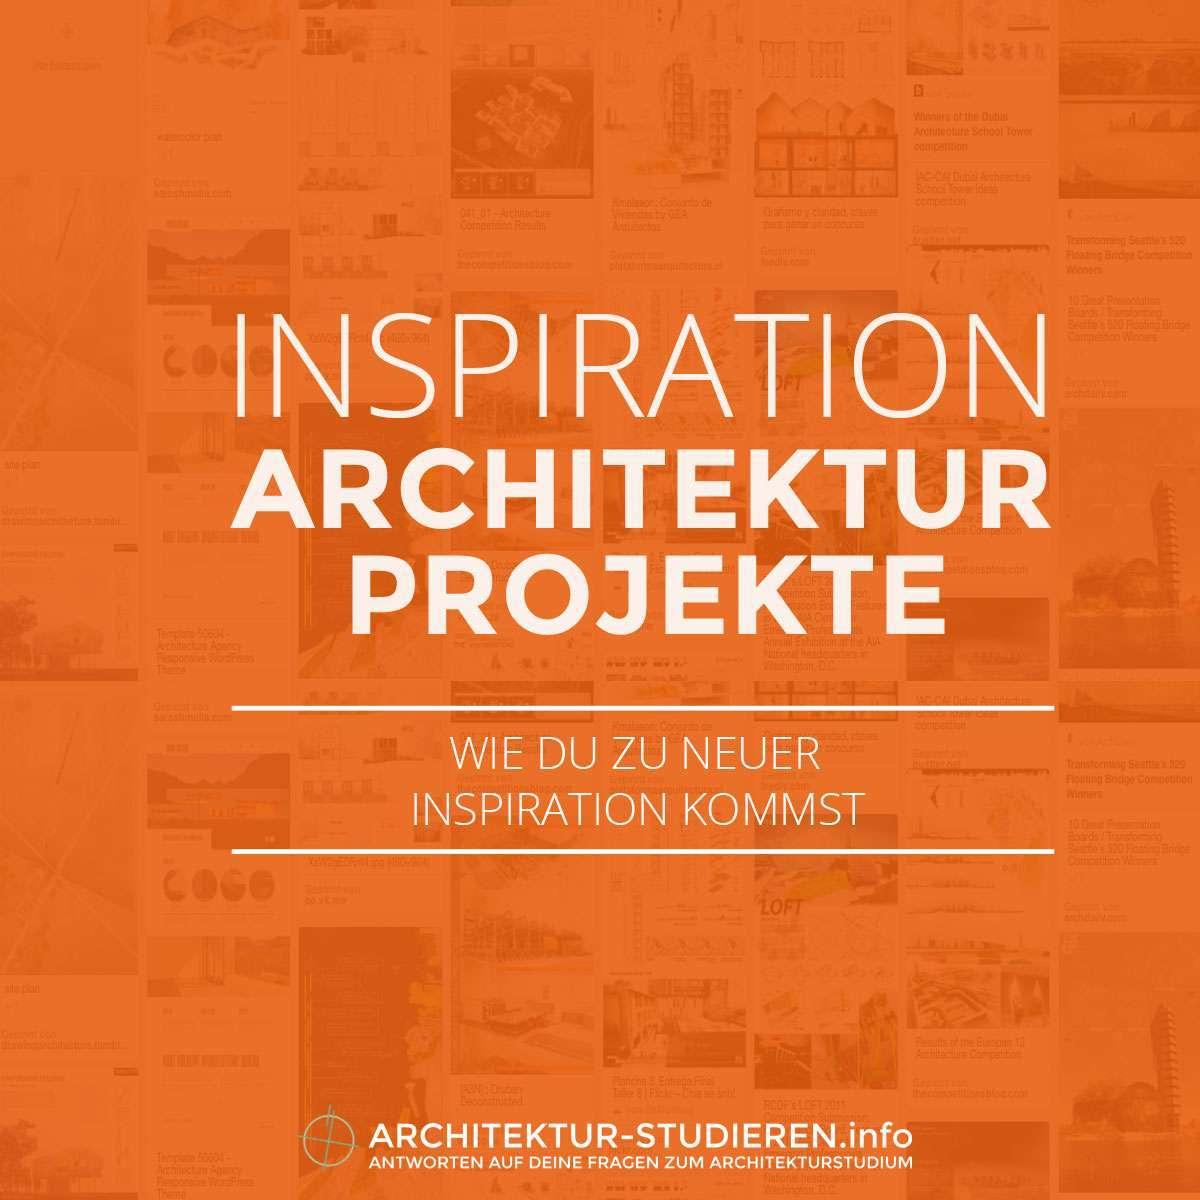 Inspiration für deine Entwurfs-Projekte   Architektur-studieren.info